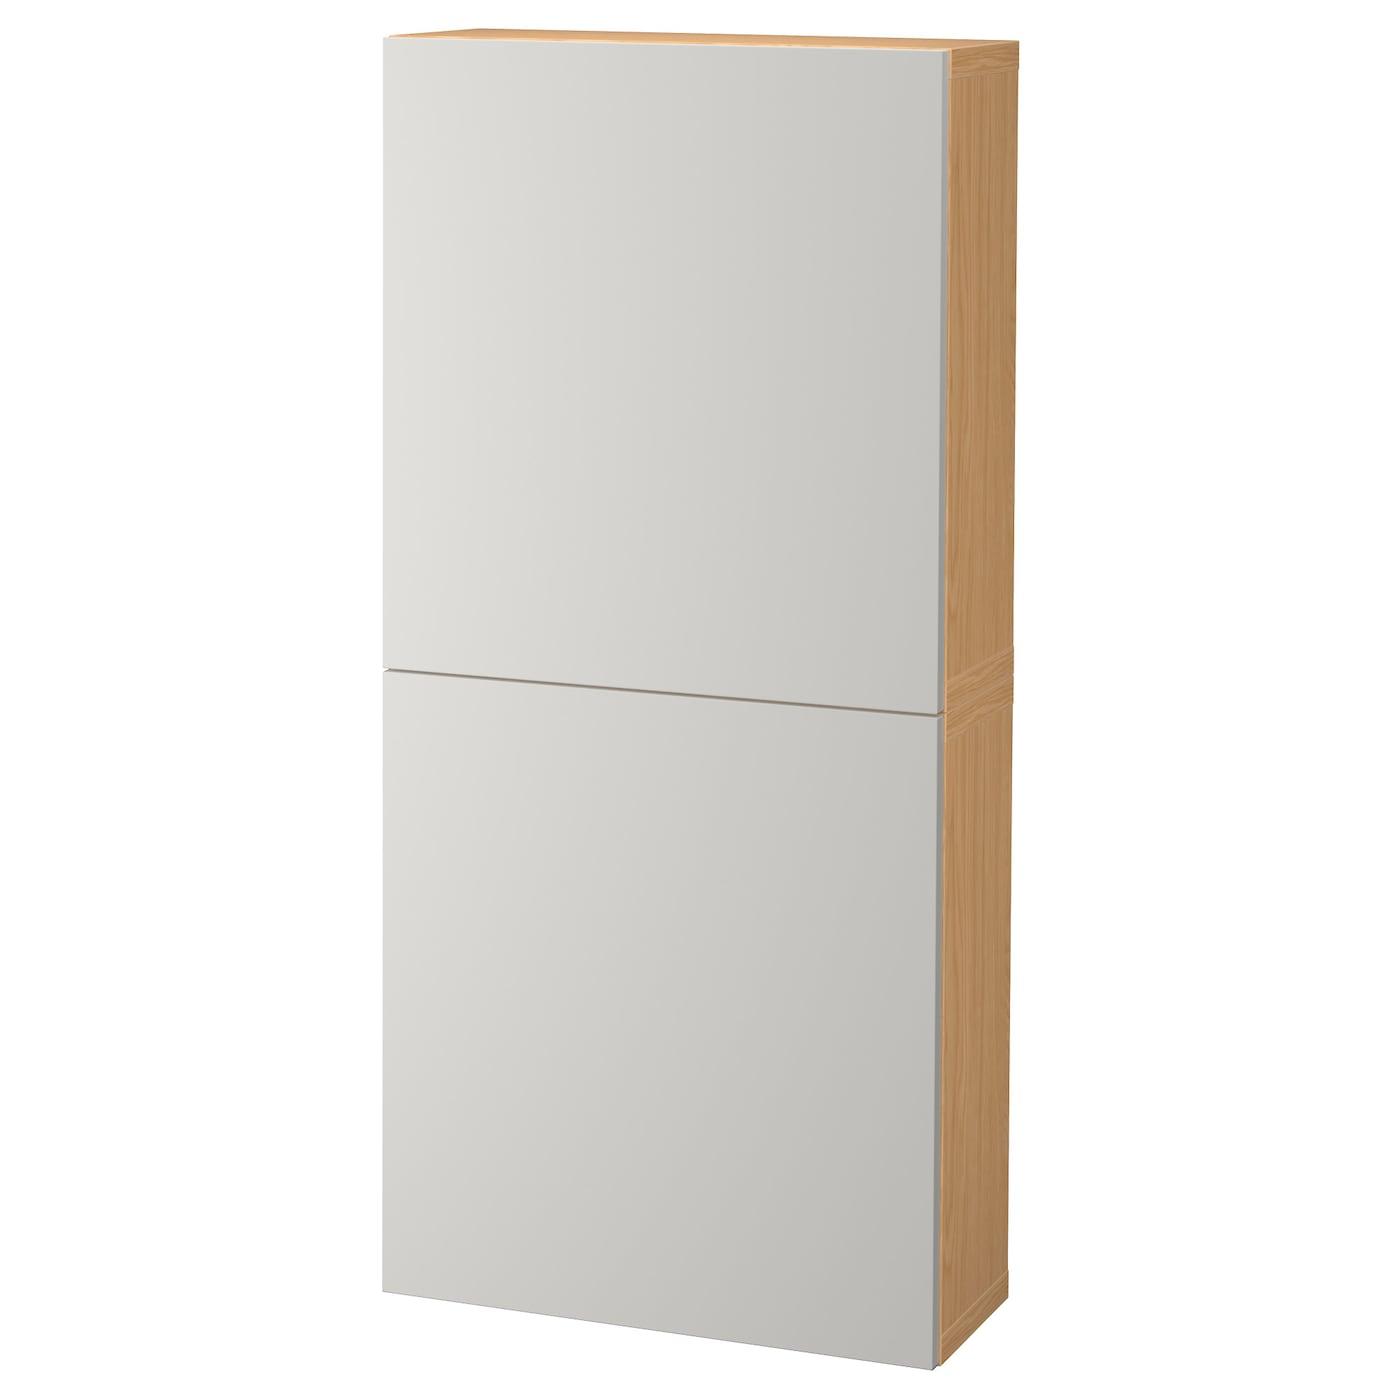 Best Wall Cabinet With 2 Doors Oak Effect Lappviken Light